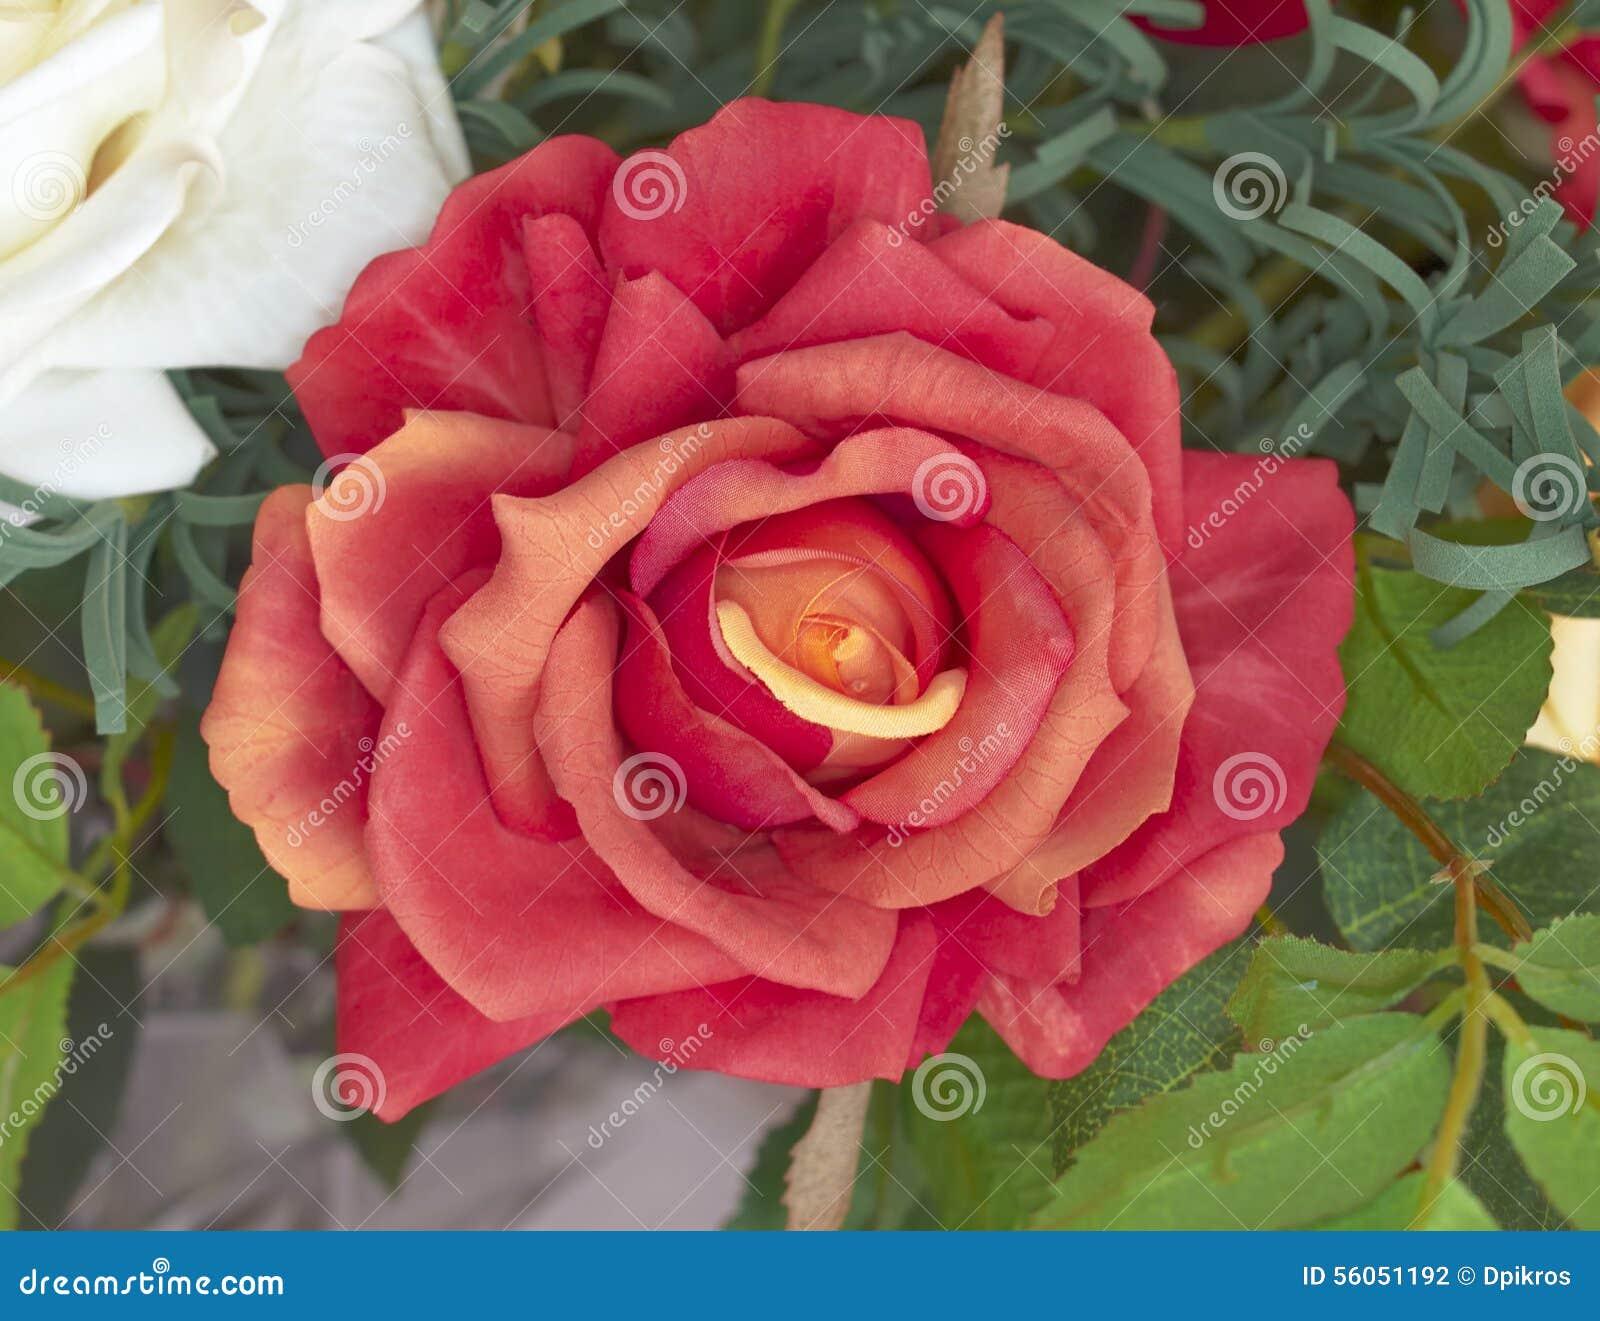 fausse fleur rose orange-foncé photo stock - image: 56051192